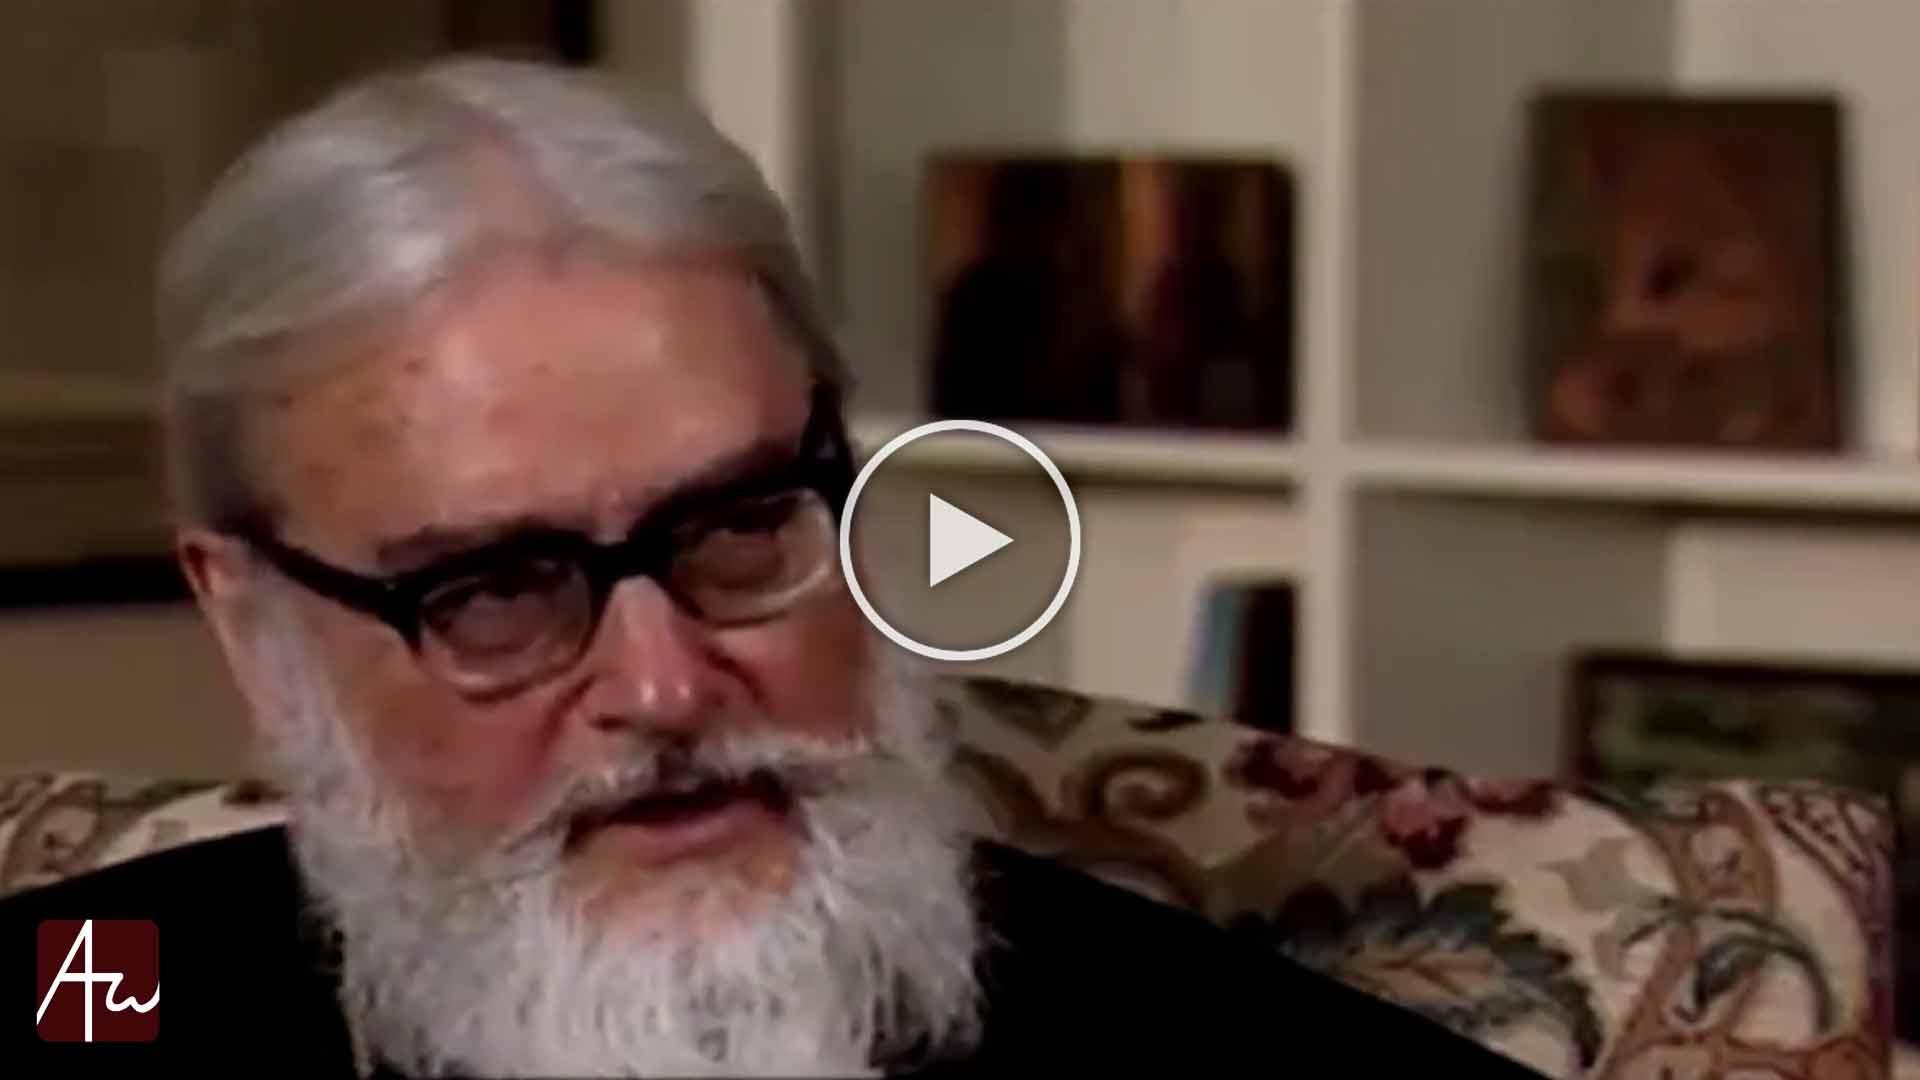 Το ταξίδι μου στην ορθοδοξία - Θεολογία - Ορθόδοξη Μαρτυρία - Απαρχή